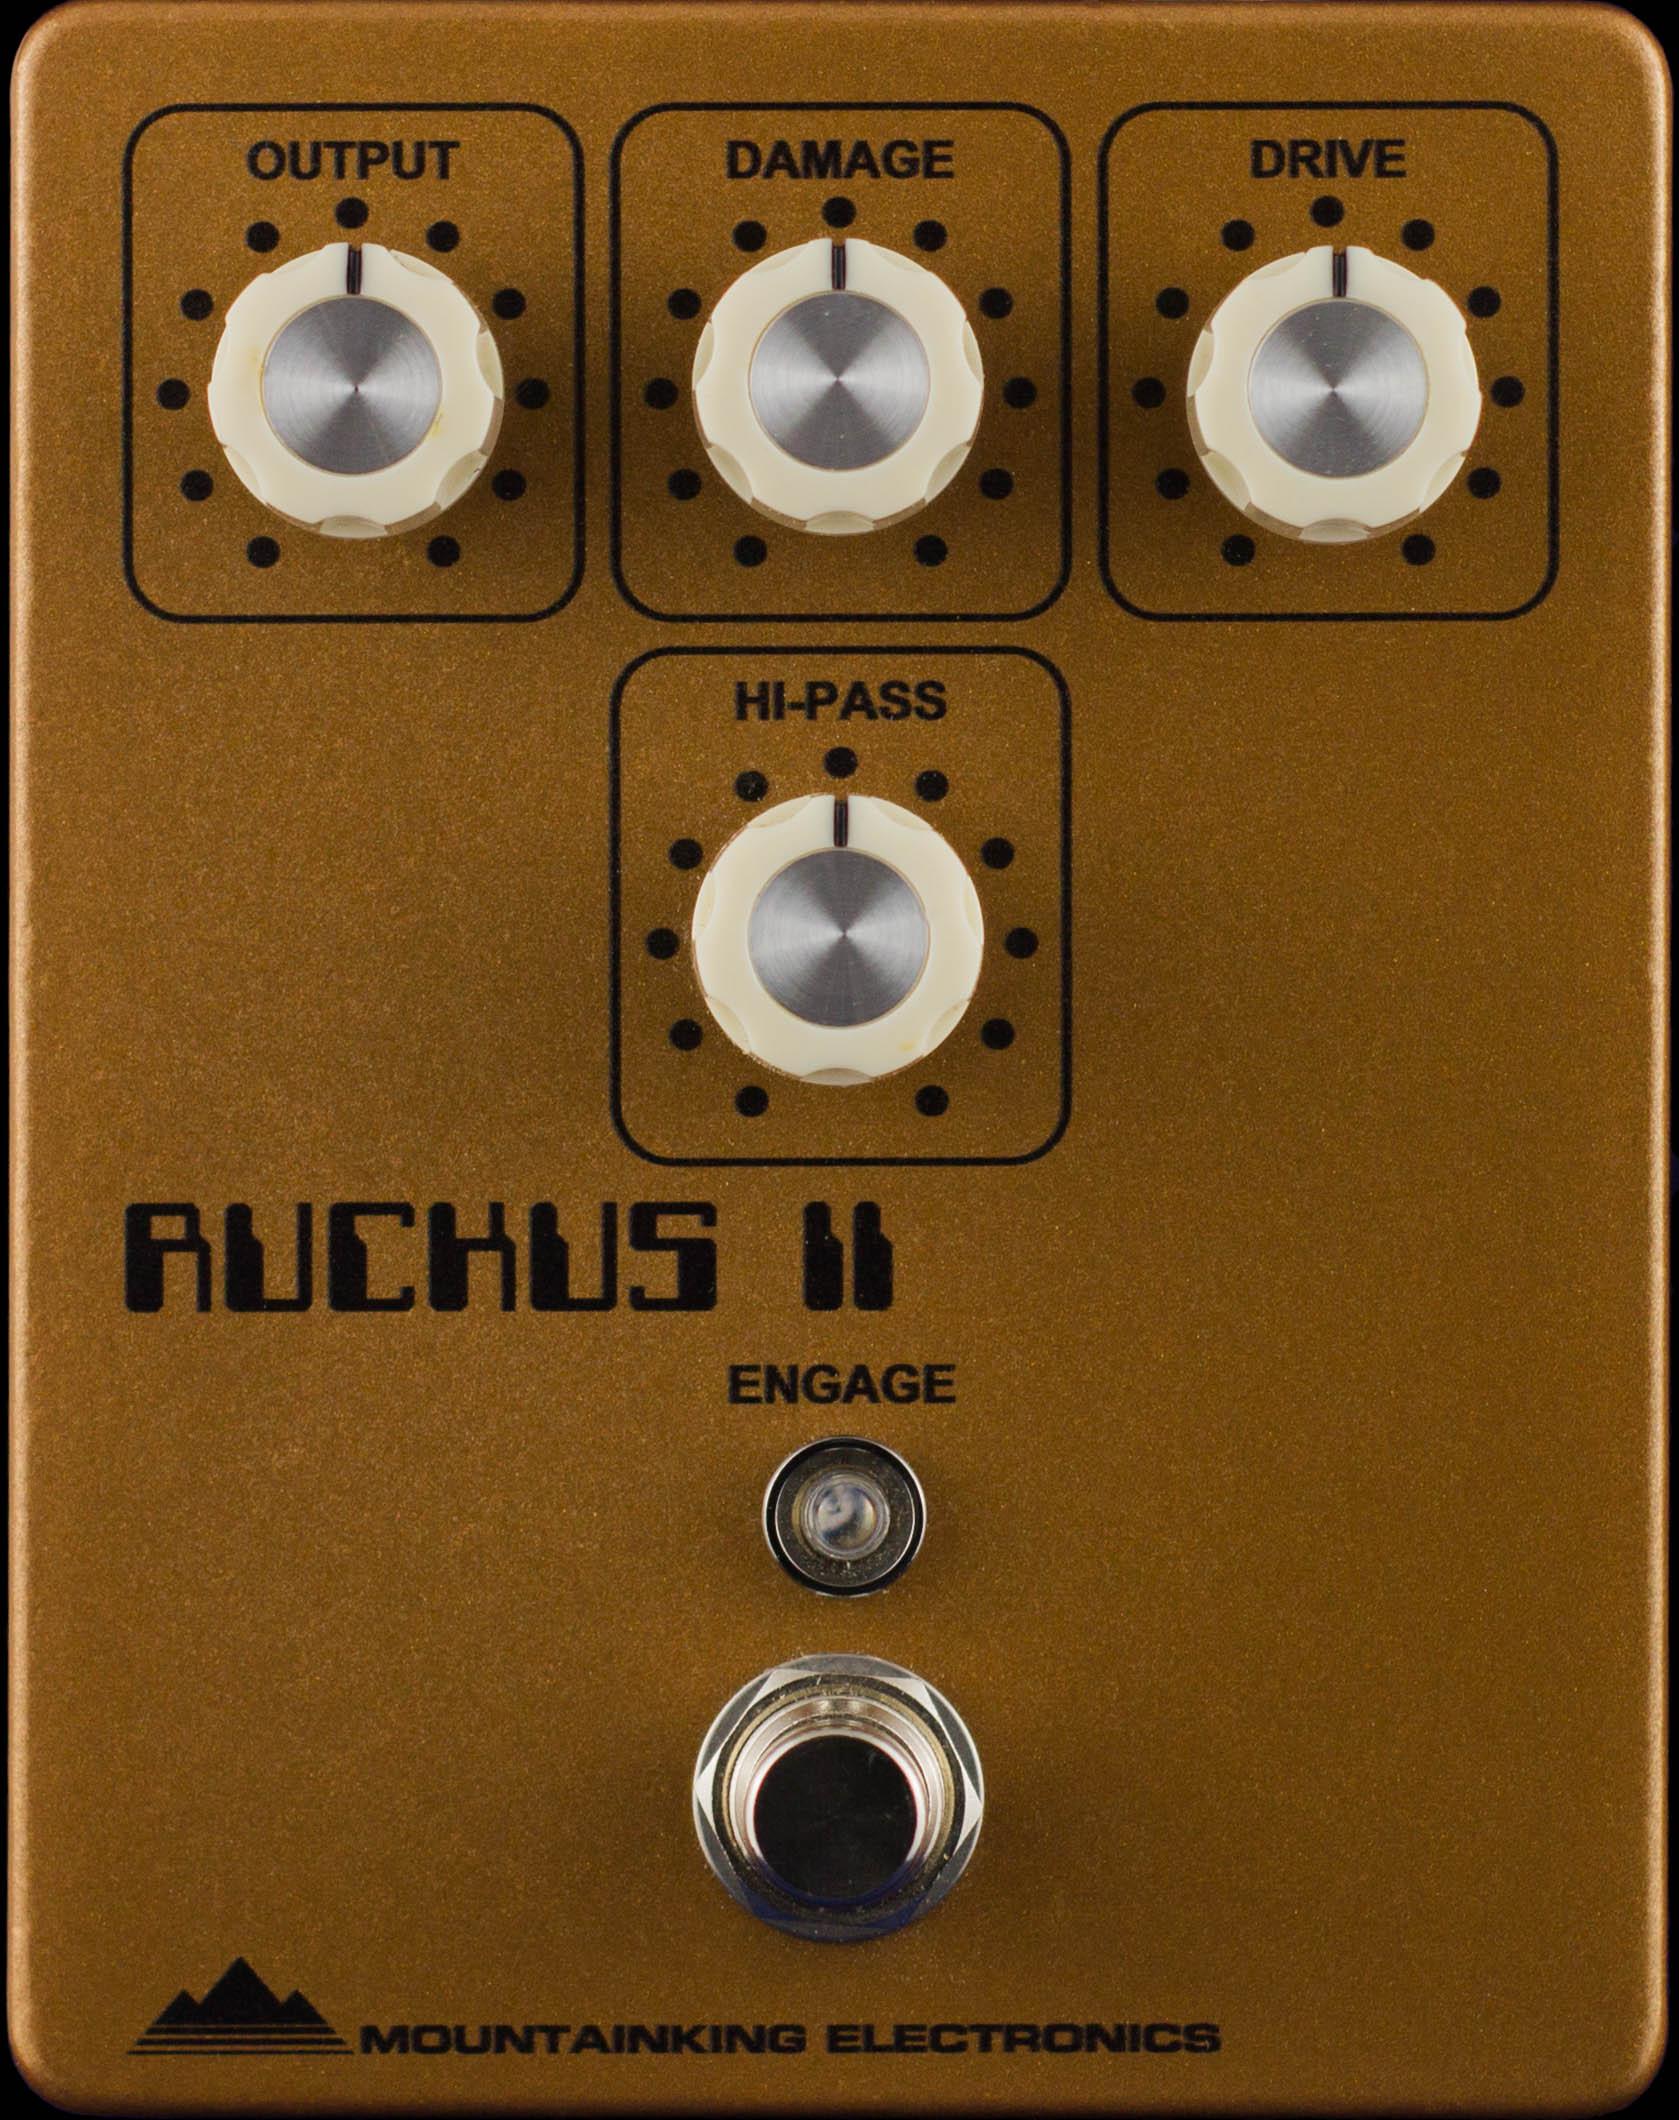 RUCKUS II